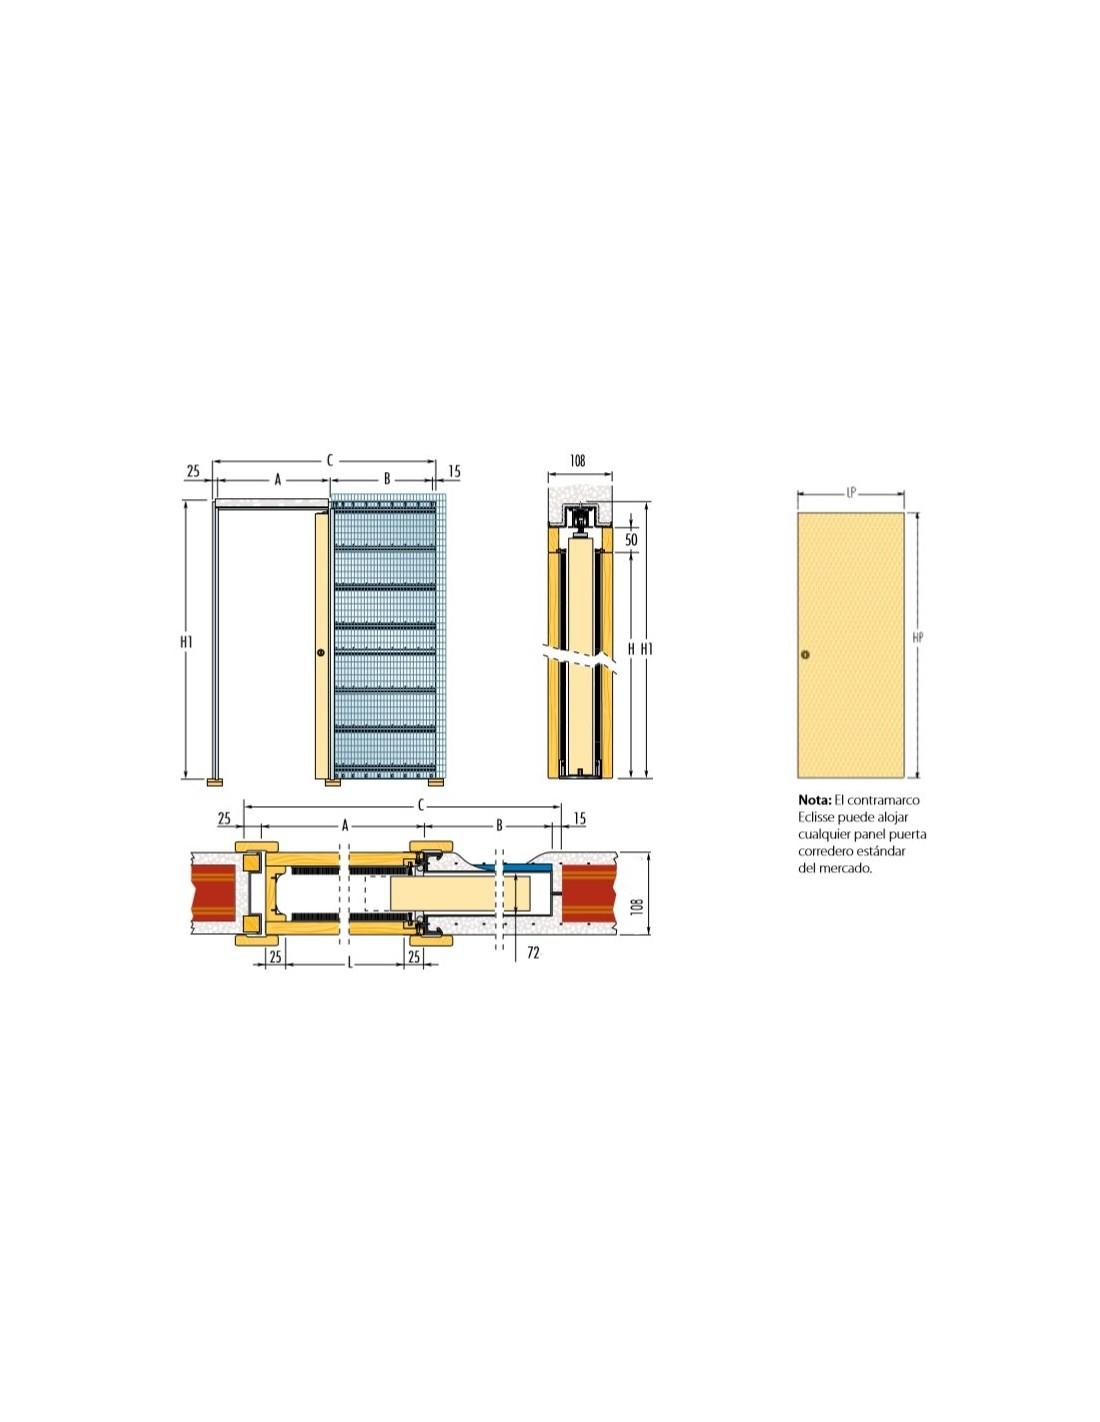 Puerta corredera interior ideas de disenos - Puerta corredera interior ...